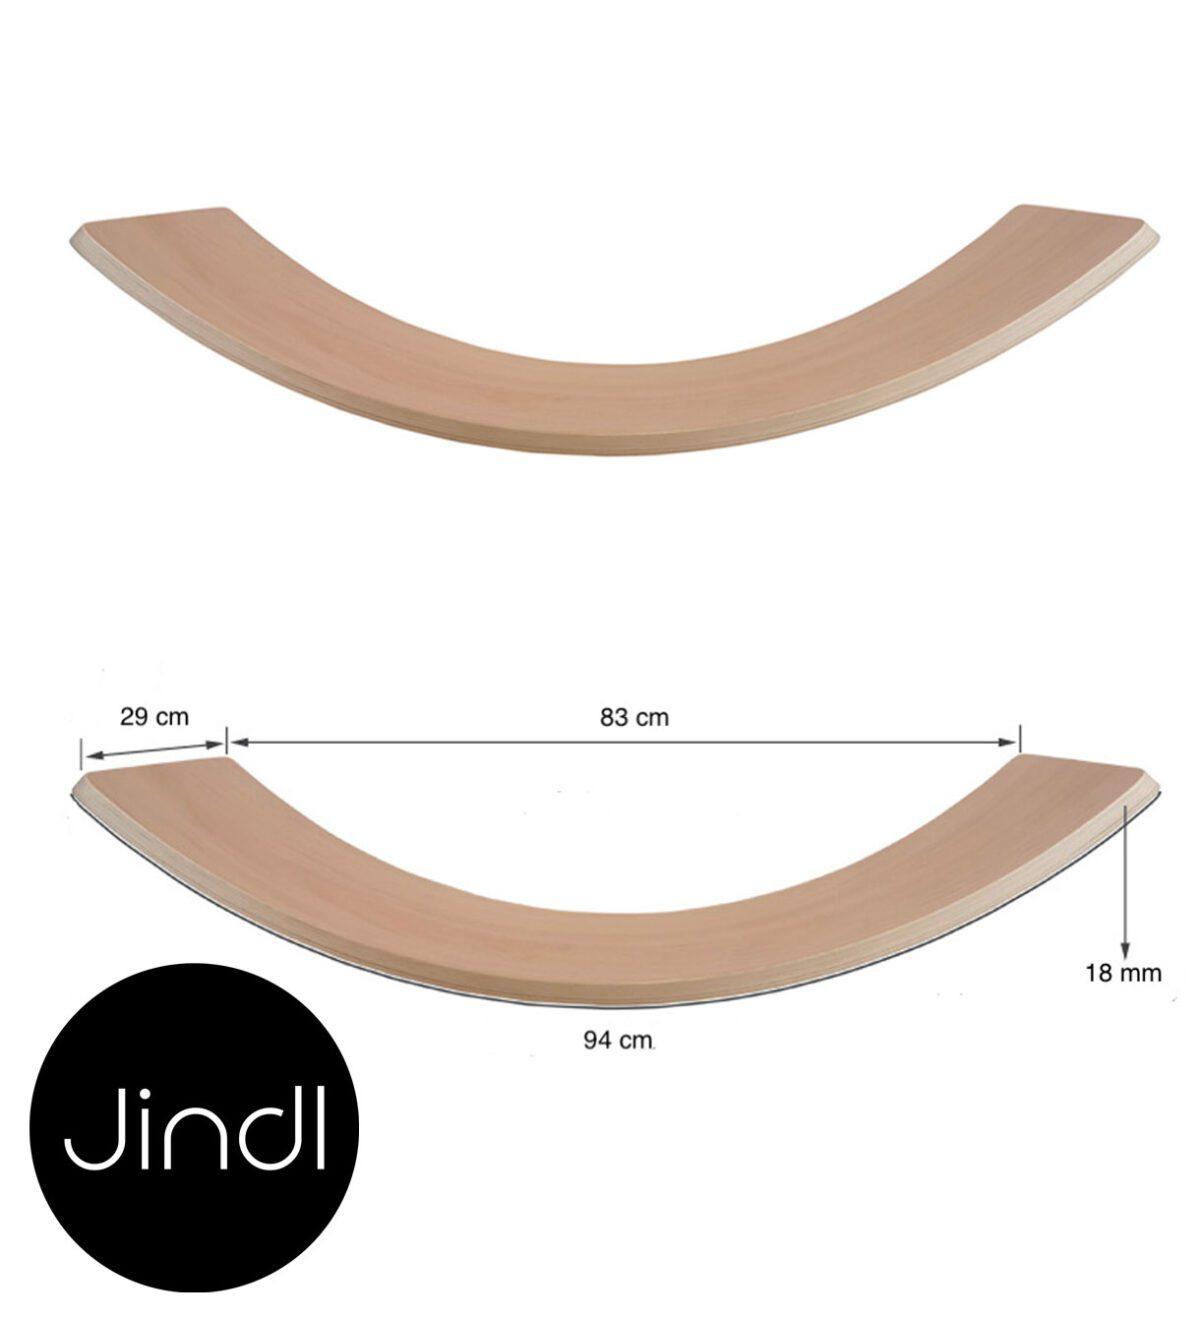 Balance board afmetingen Jindl